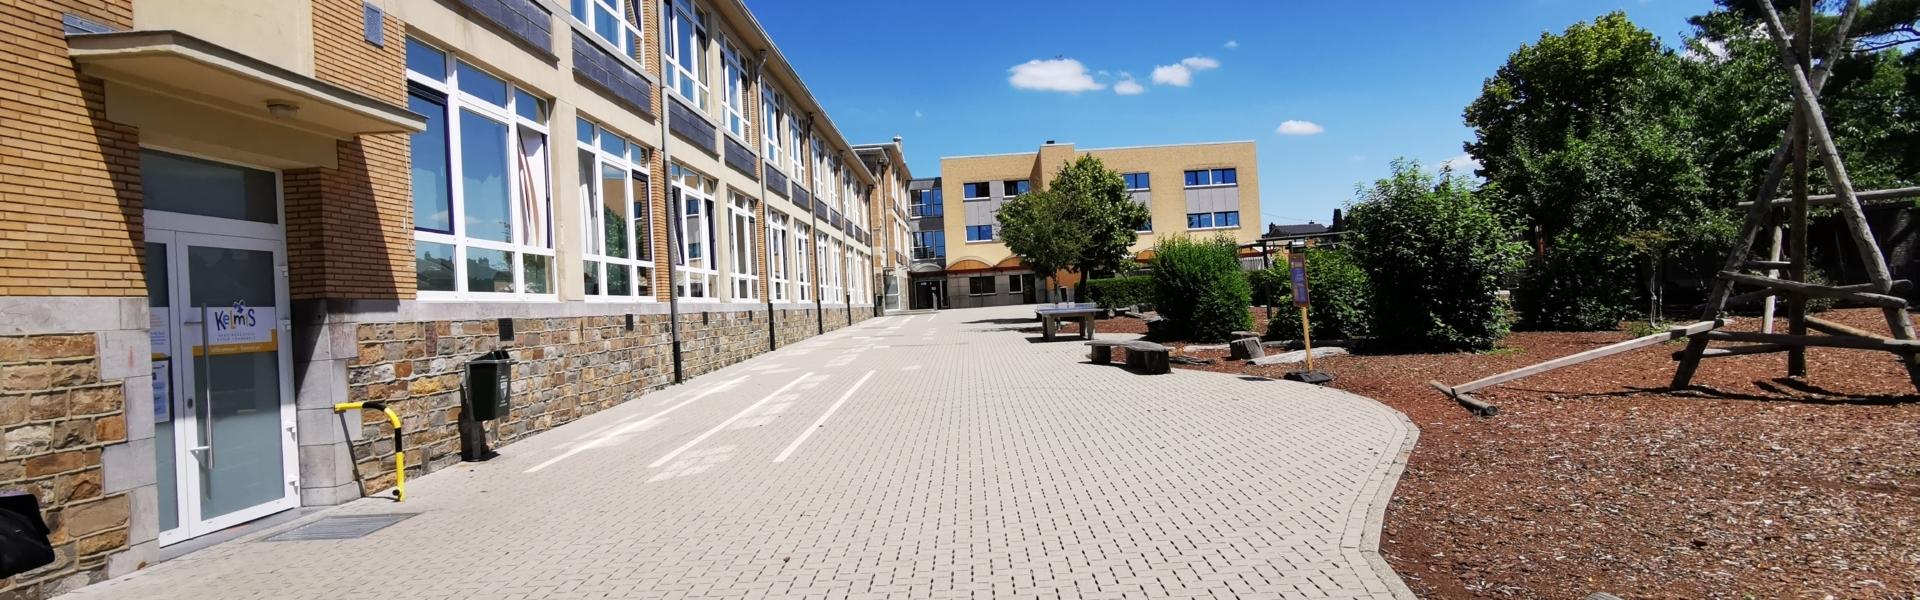 Gemeindeschule Kelmis